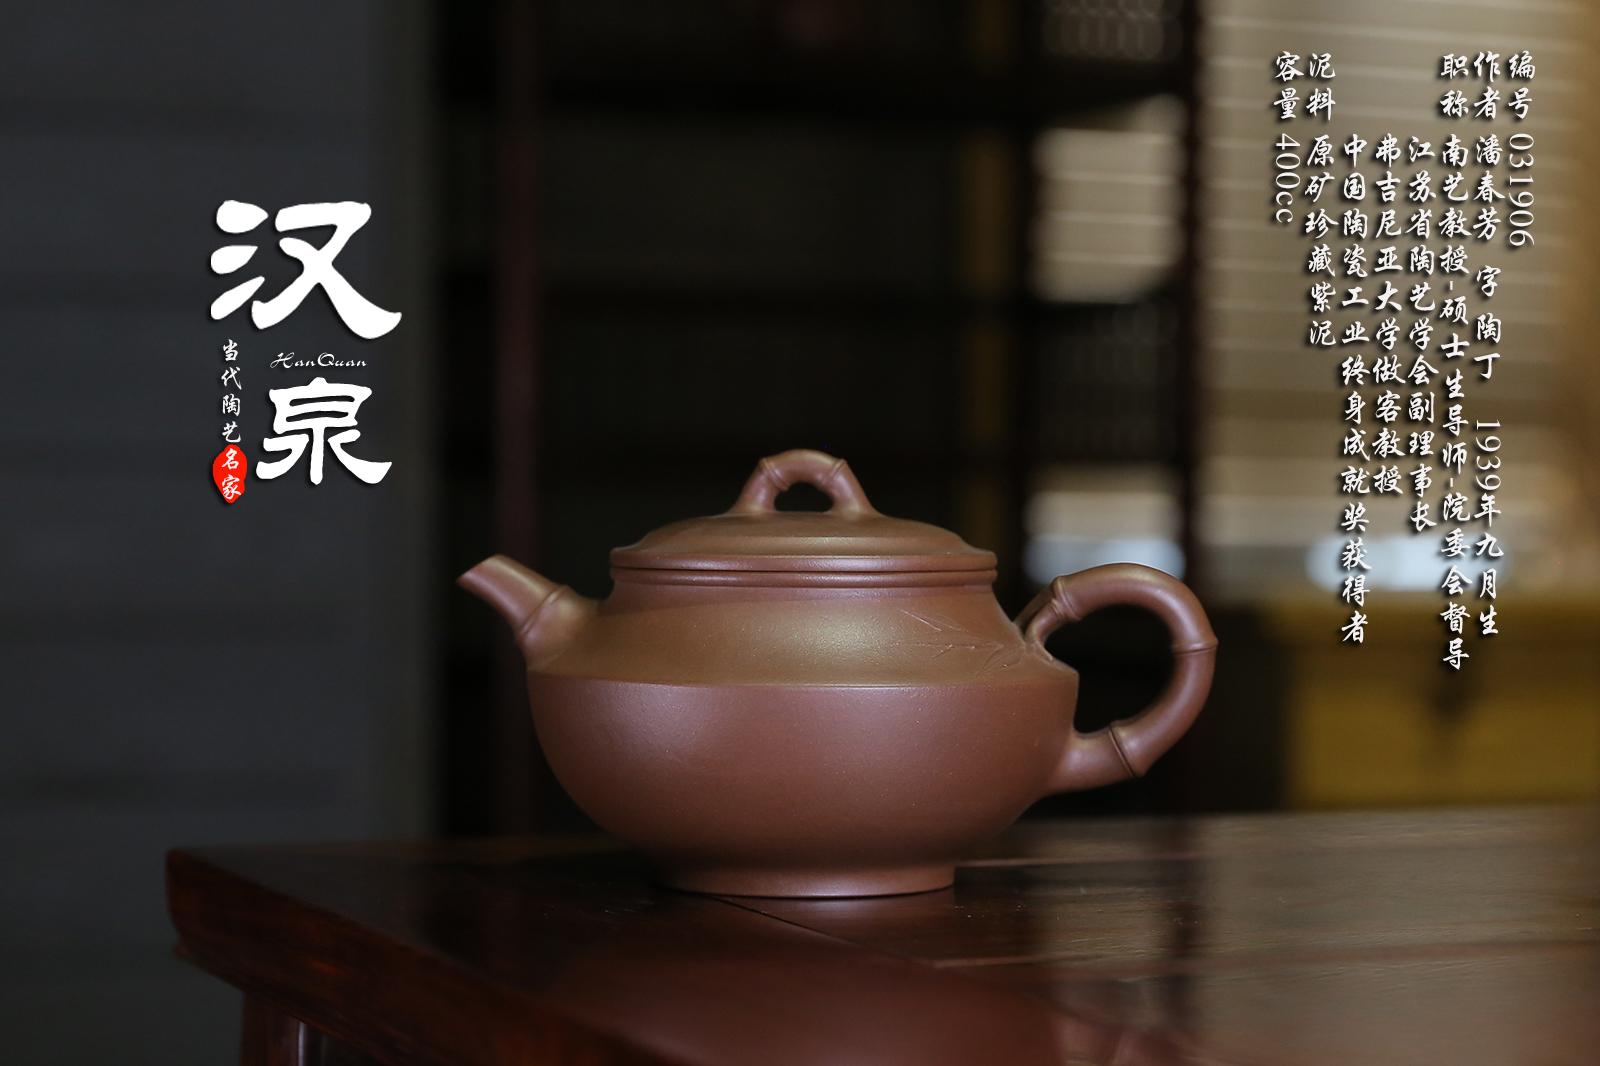 紫砂壶中薄胎壶有什么特点